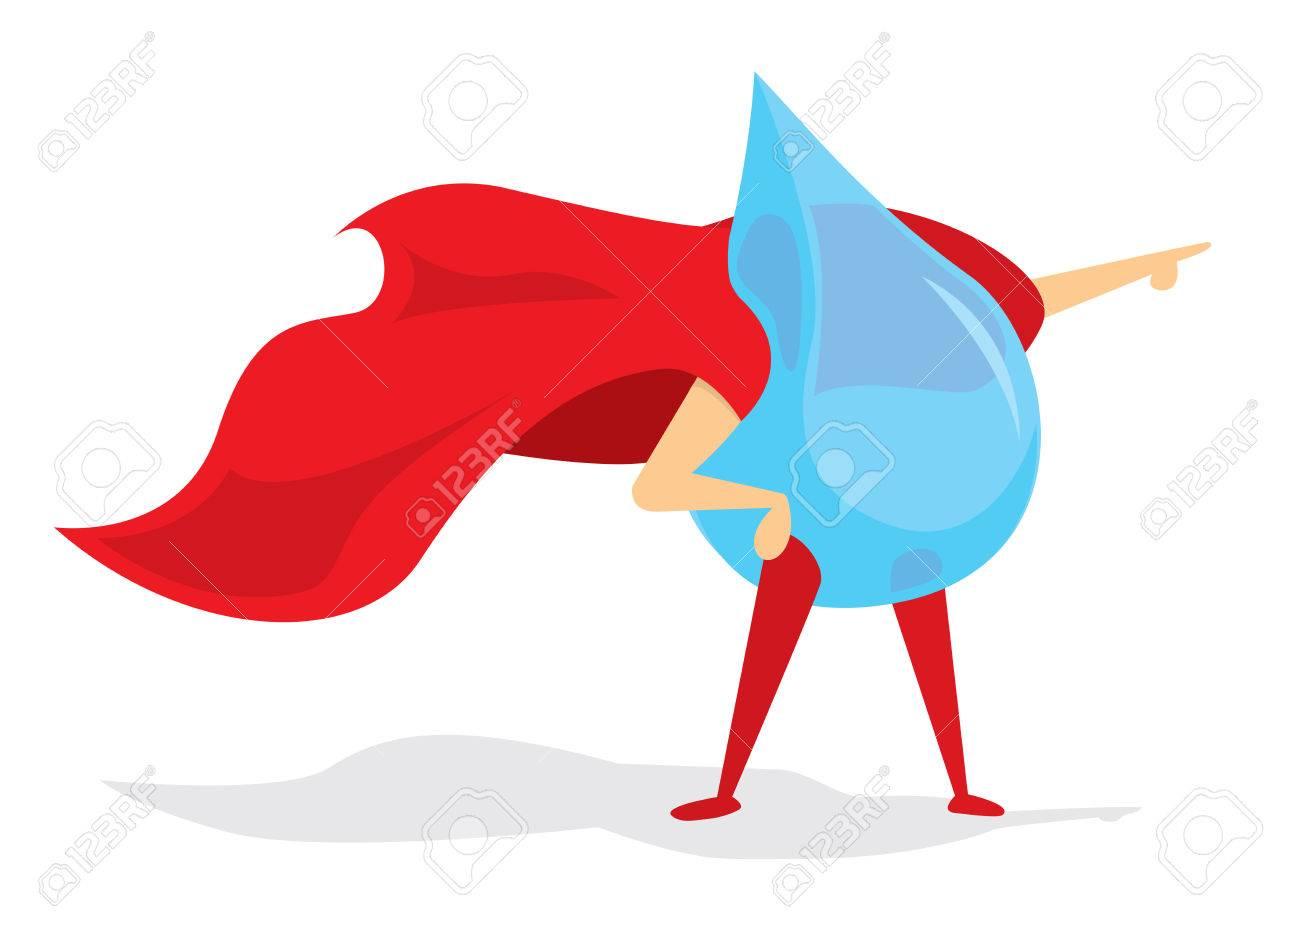 de33fef518e3c Foto de archivo - Ilustración de dibujos animados de valiente gota de agua súper  héroe